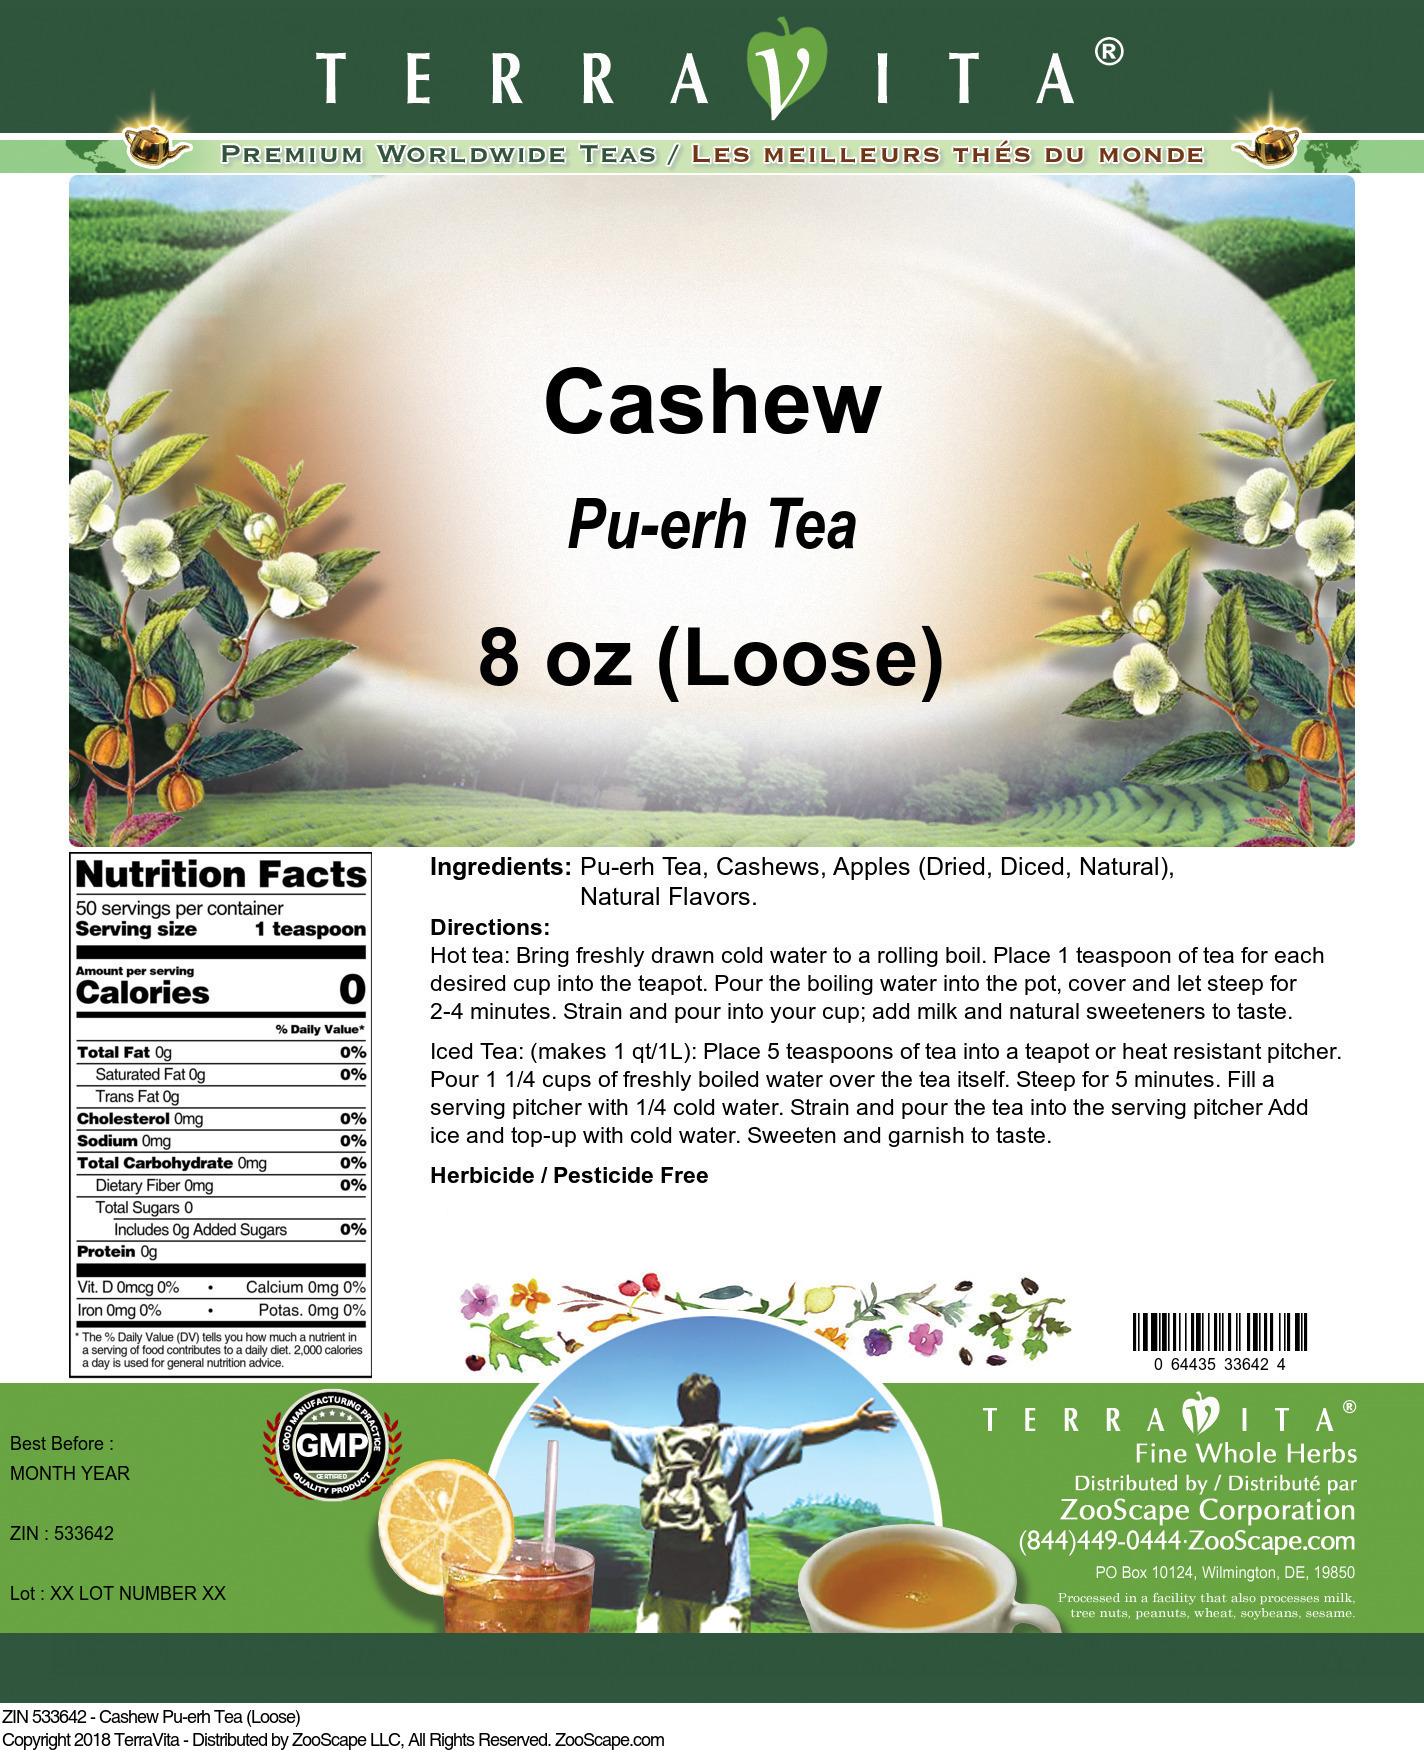 Cashew Pu-erh Tea (Loose)